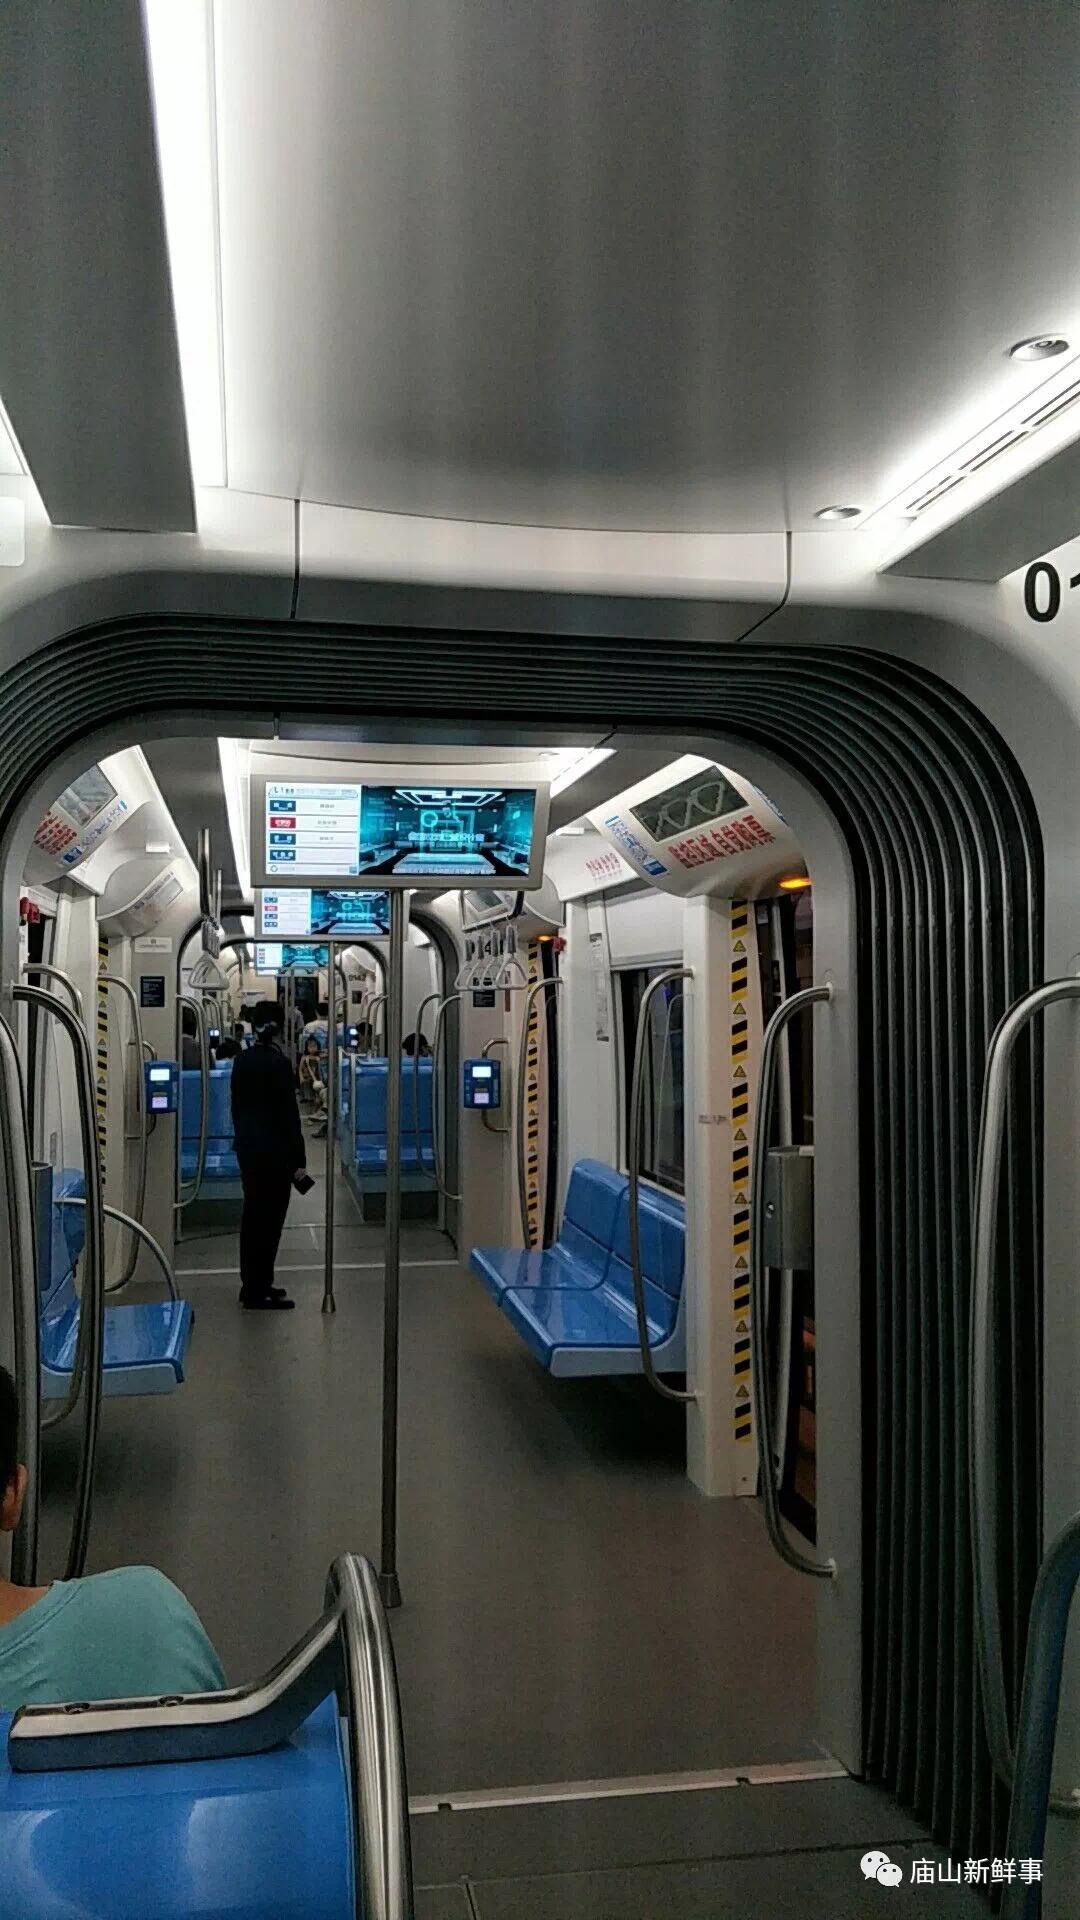 光谷城铁汤逊湖站以后将发达了将有两条地铁+有轨+城铁